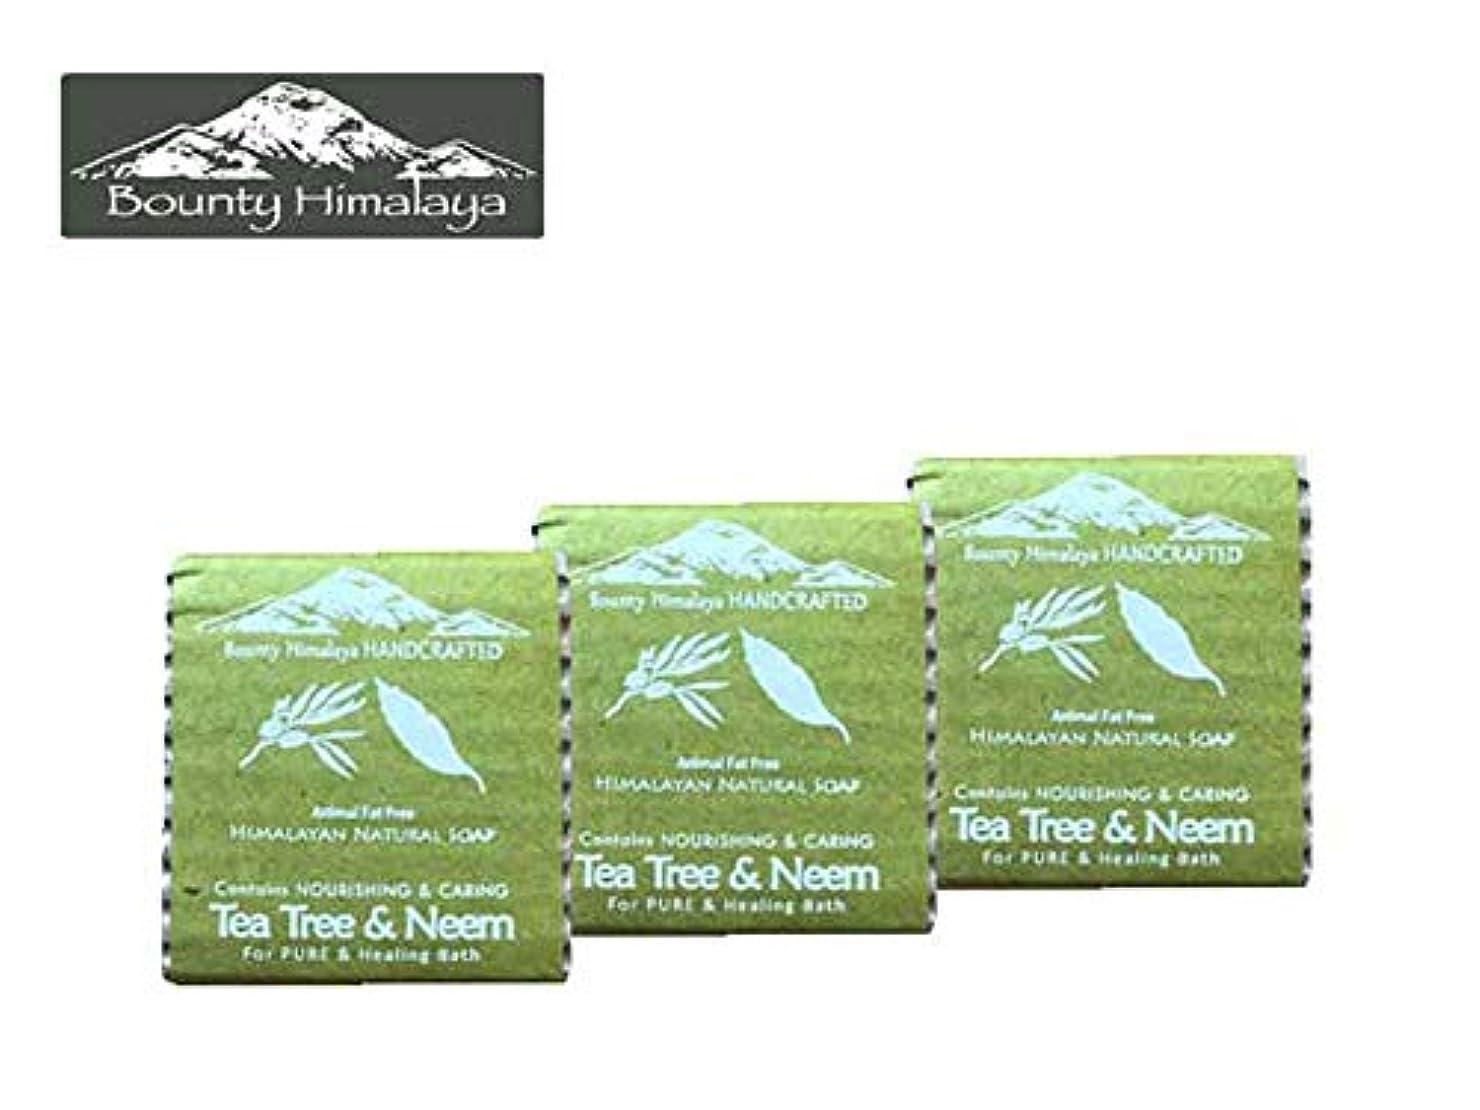 ハブブ説得電気アーユルヴェーダ ヒマラヤ ティーツリー?ニーム ソープ3セット Bounty Himalaya Tea Tree & Neem SOAP(NEPAL AYURVEDA) 100g